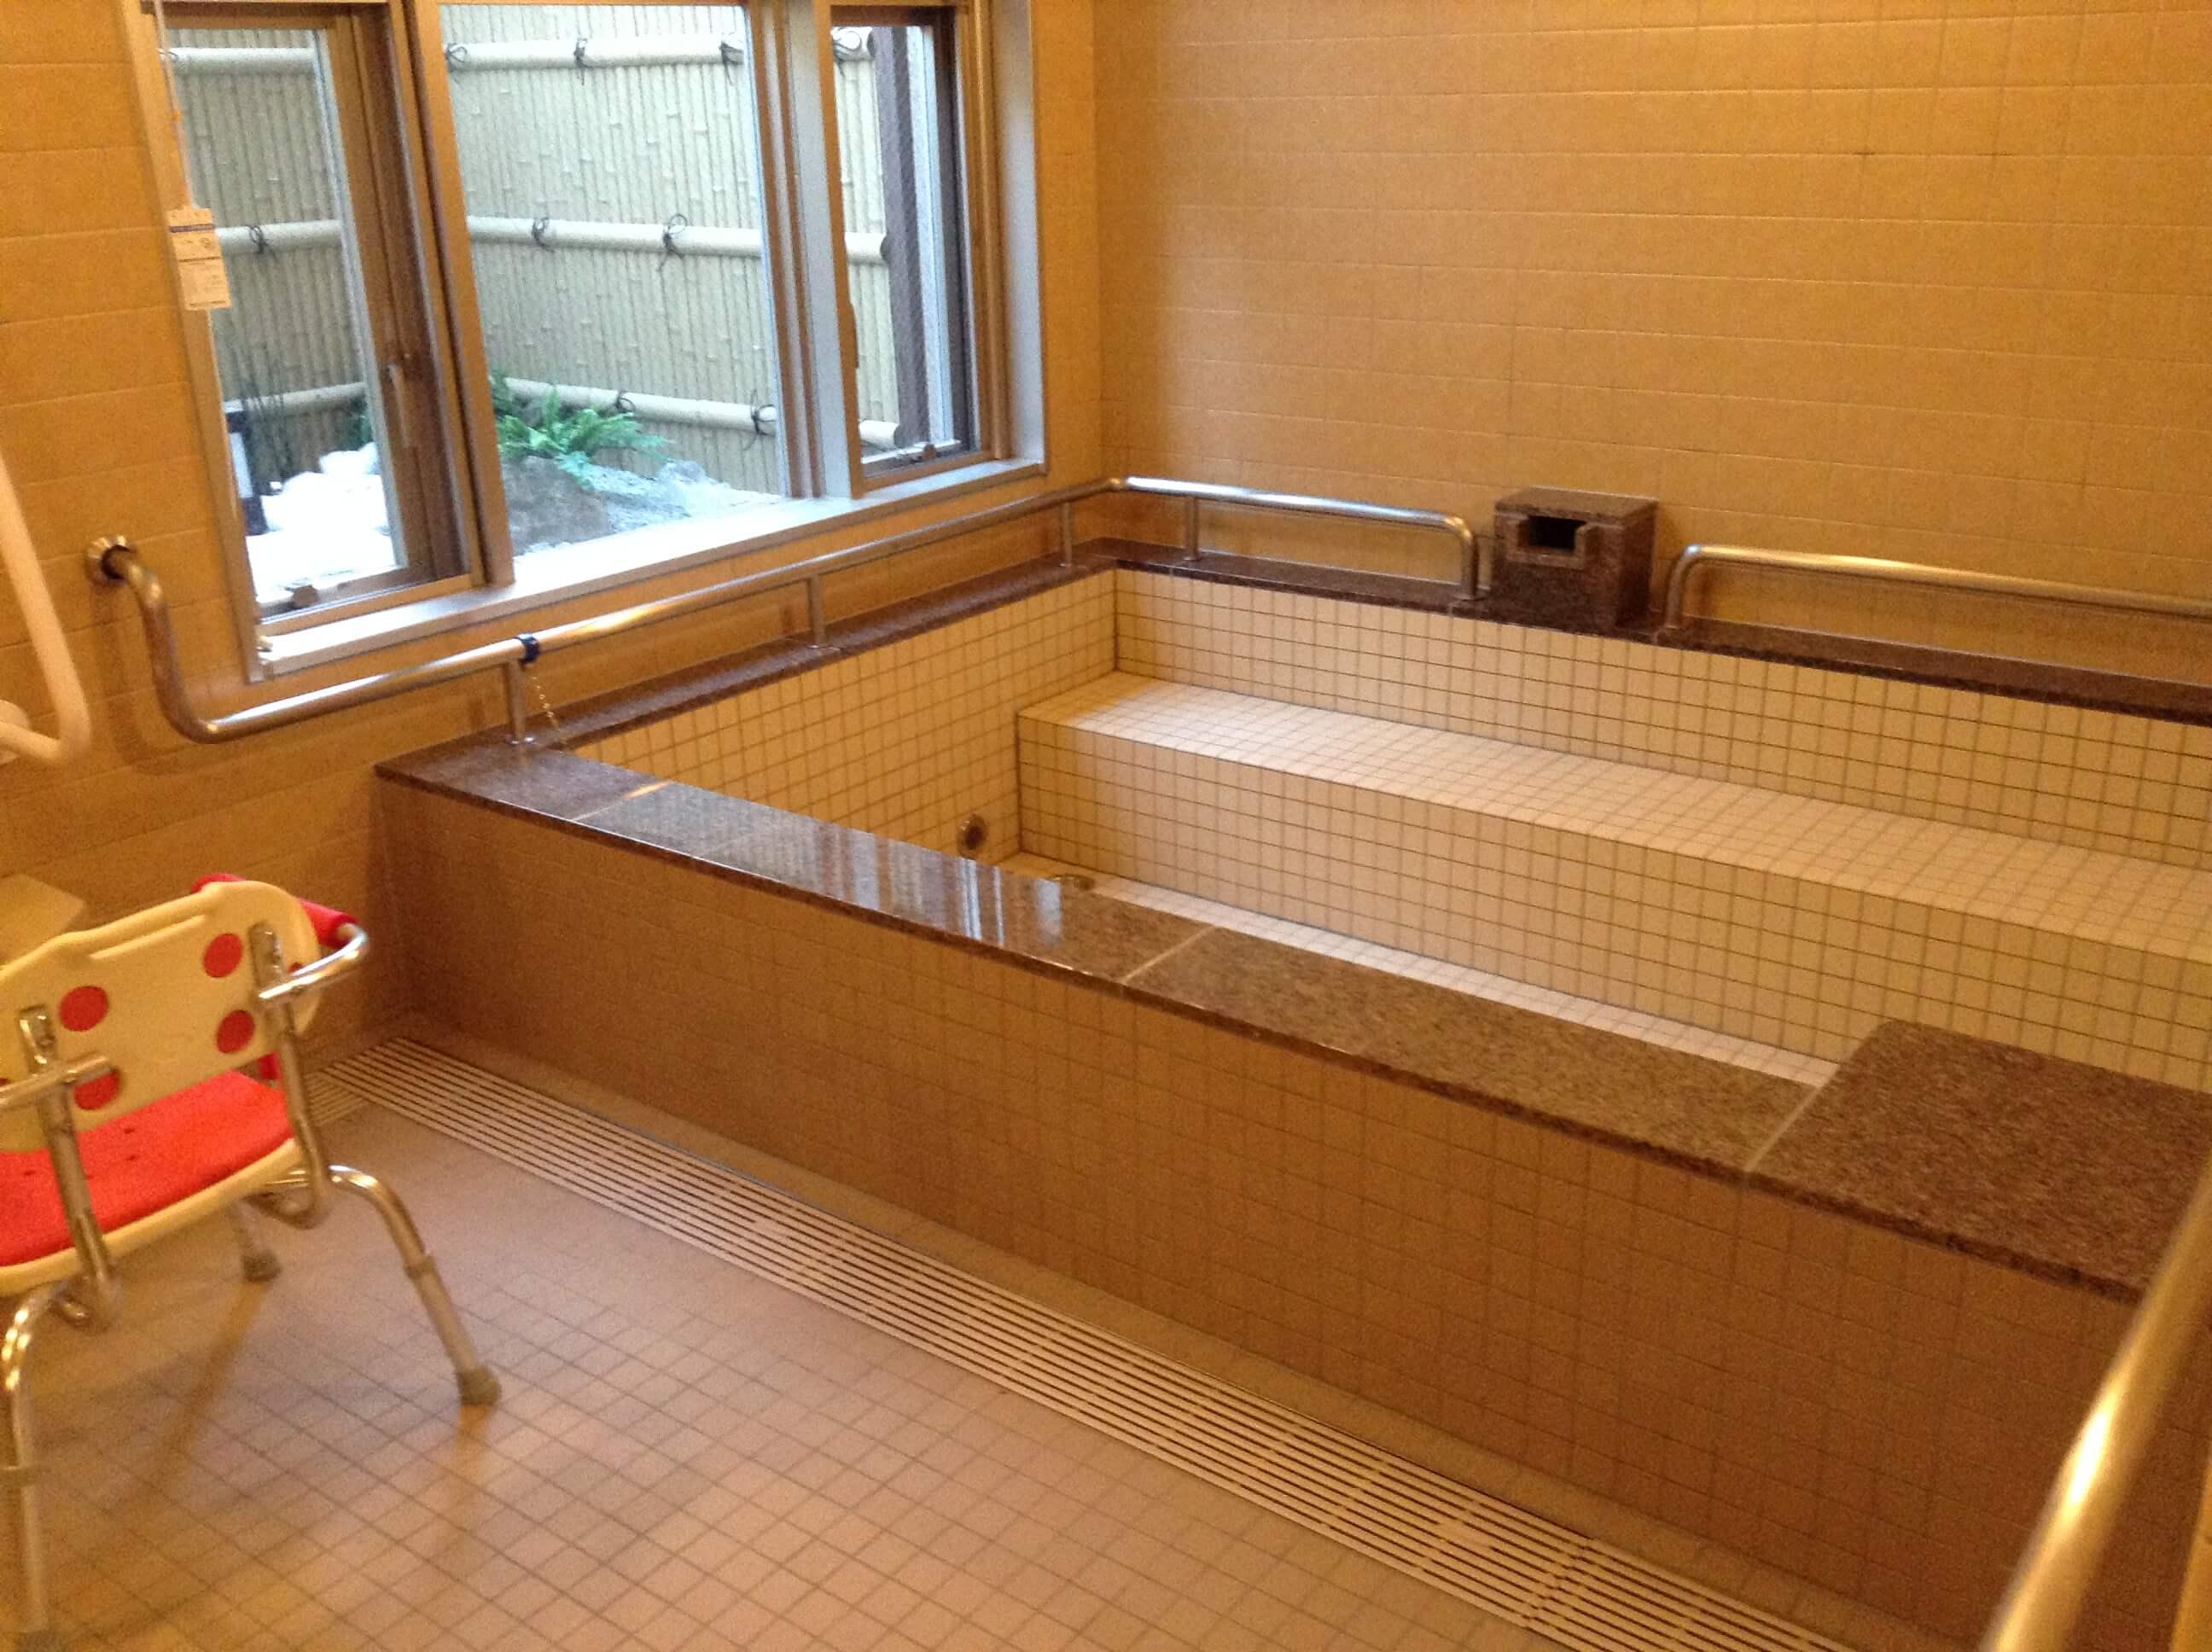 施設の入浴回数について